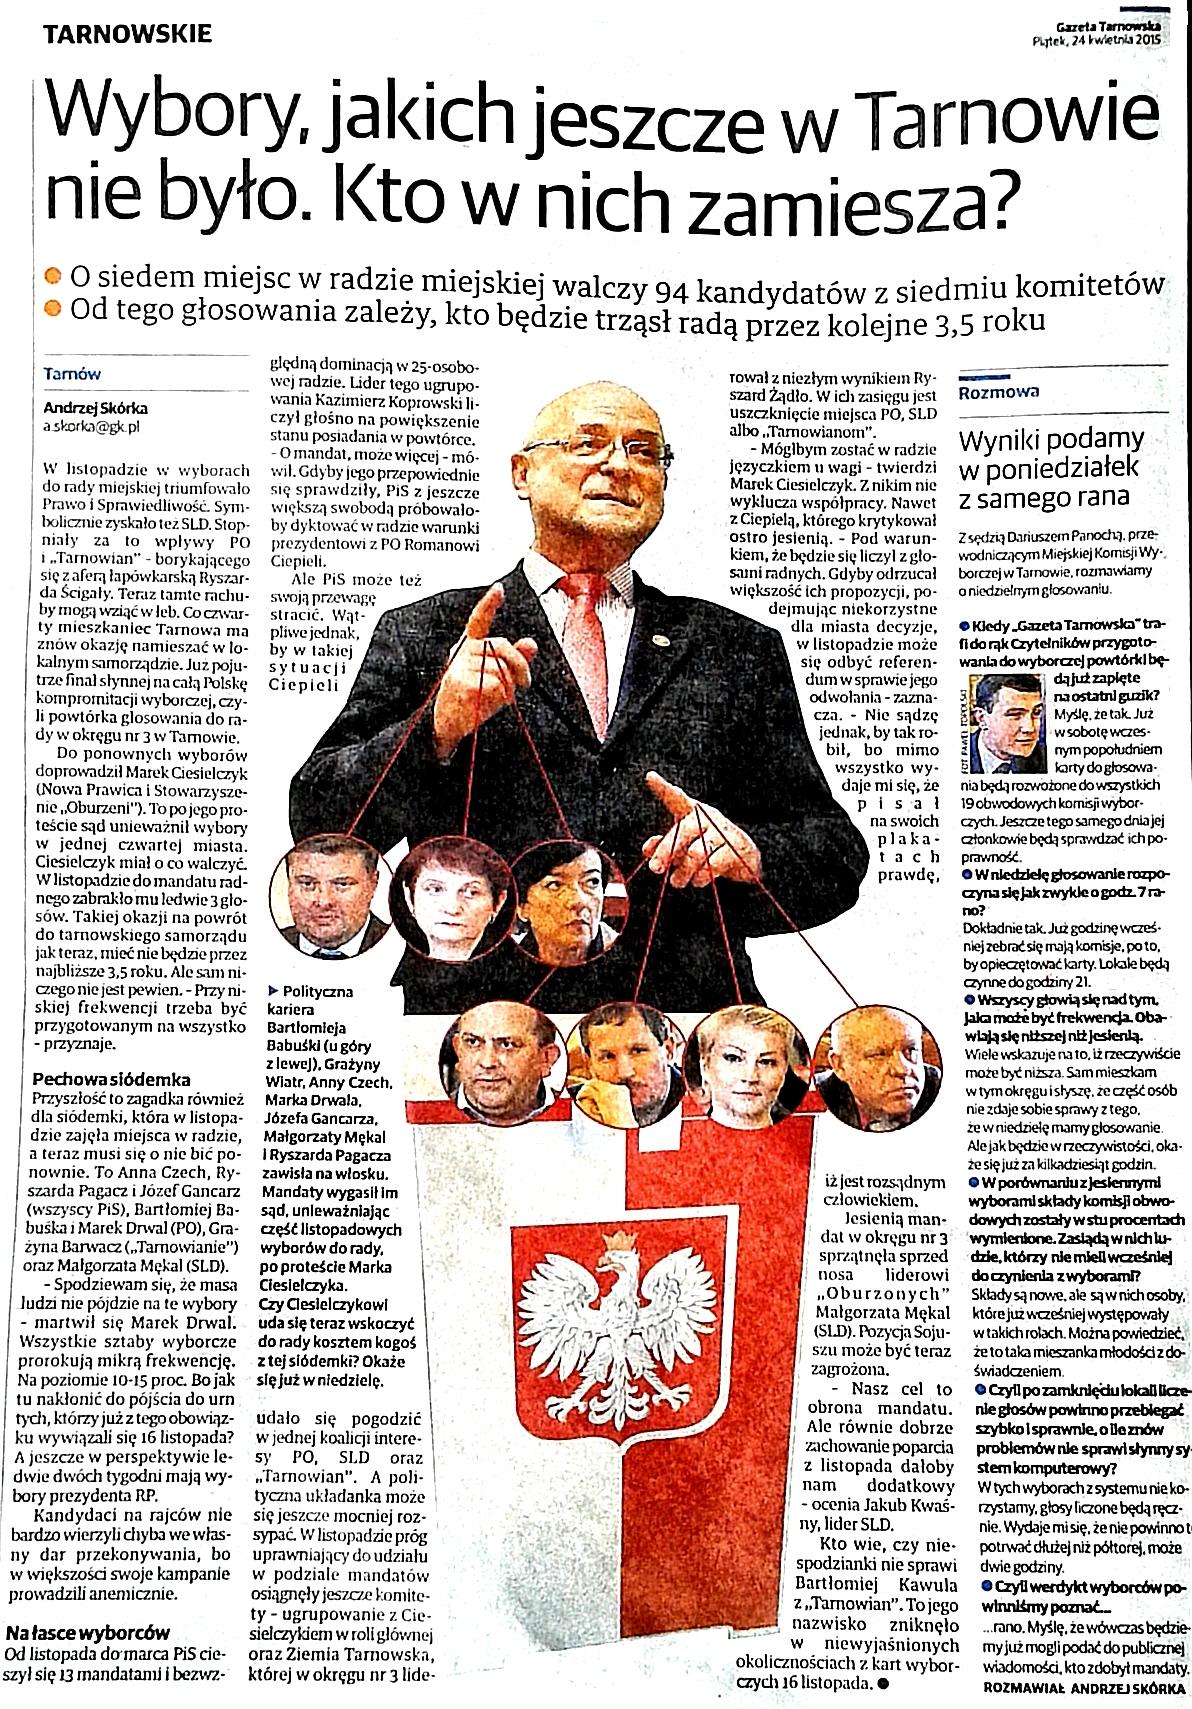 Marek Ciesielczyk – najpierw unieważnił, a następnie wygrał wybory…